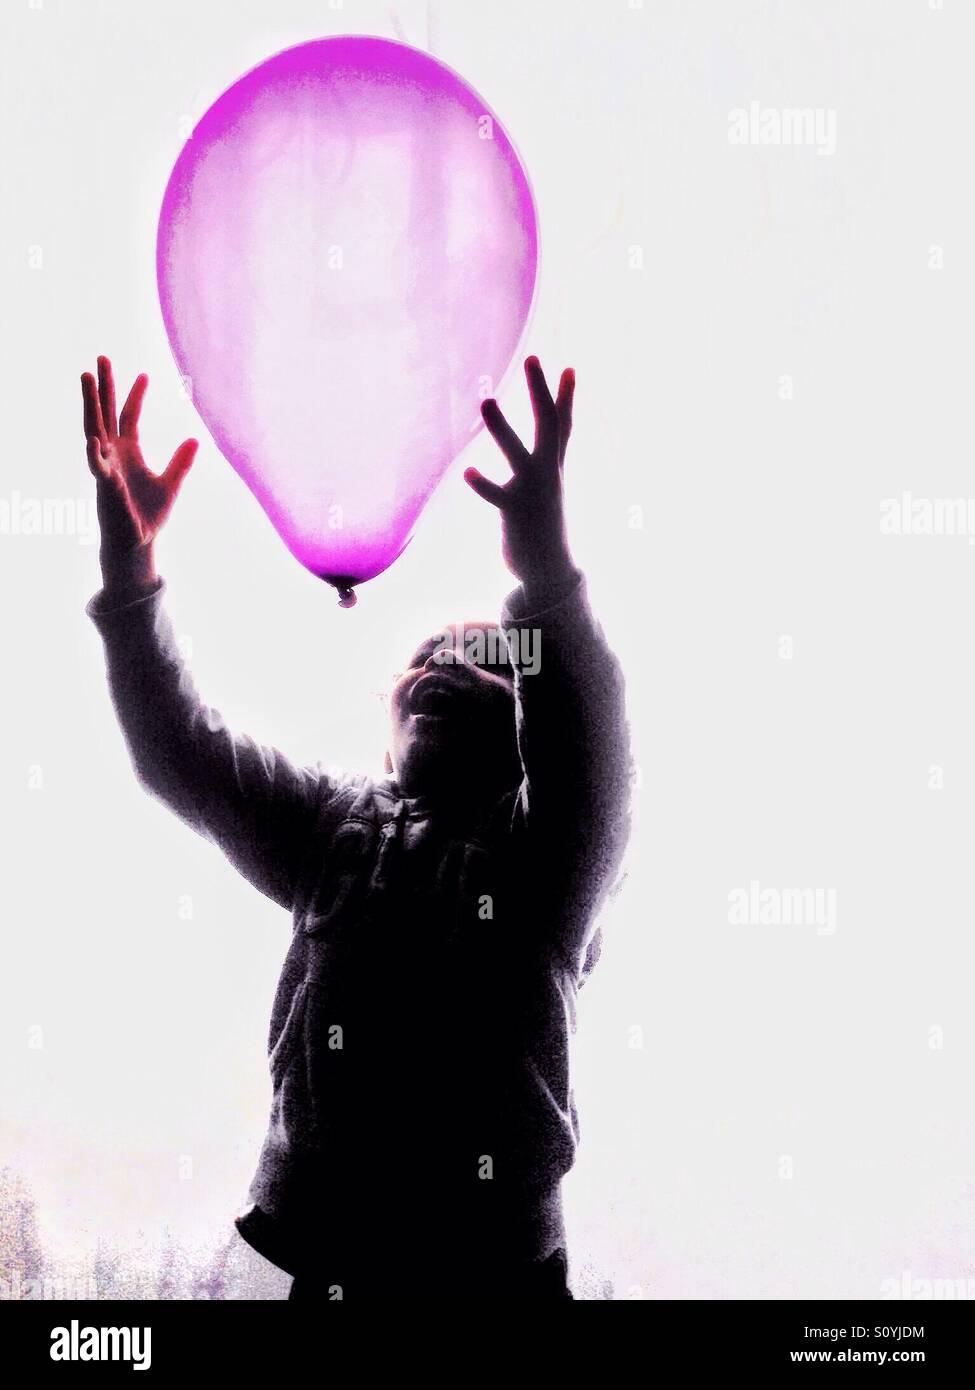 Garçon attraper un ballon rose. Photo Stock